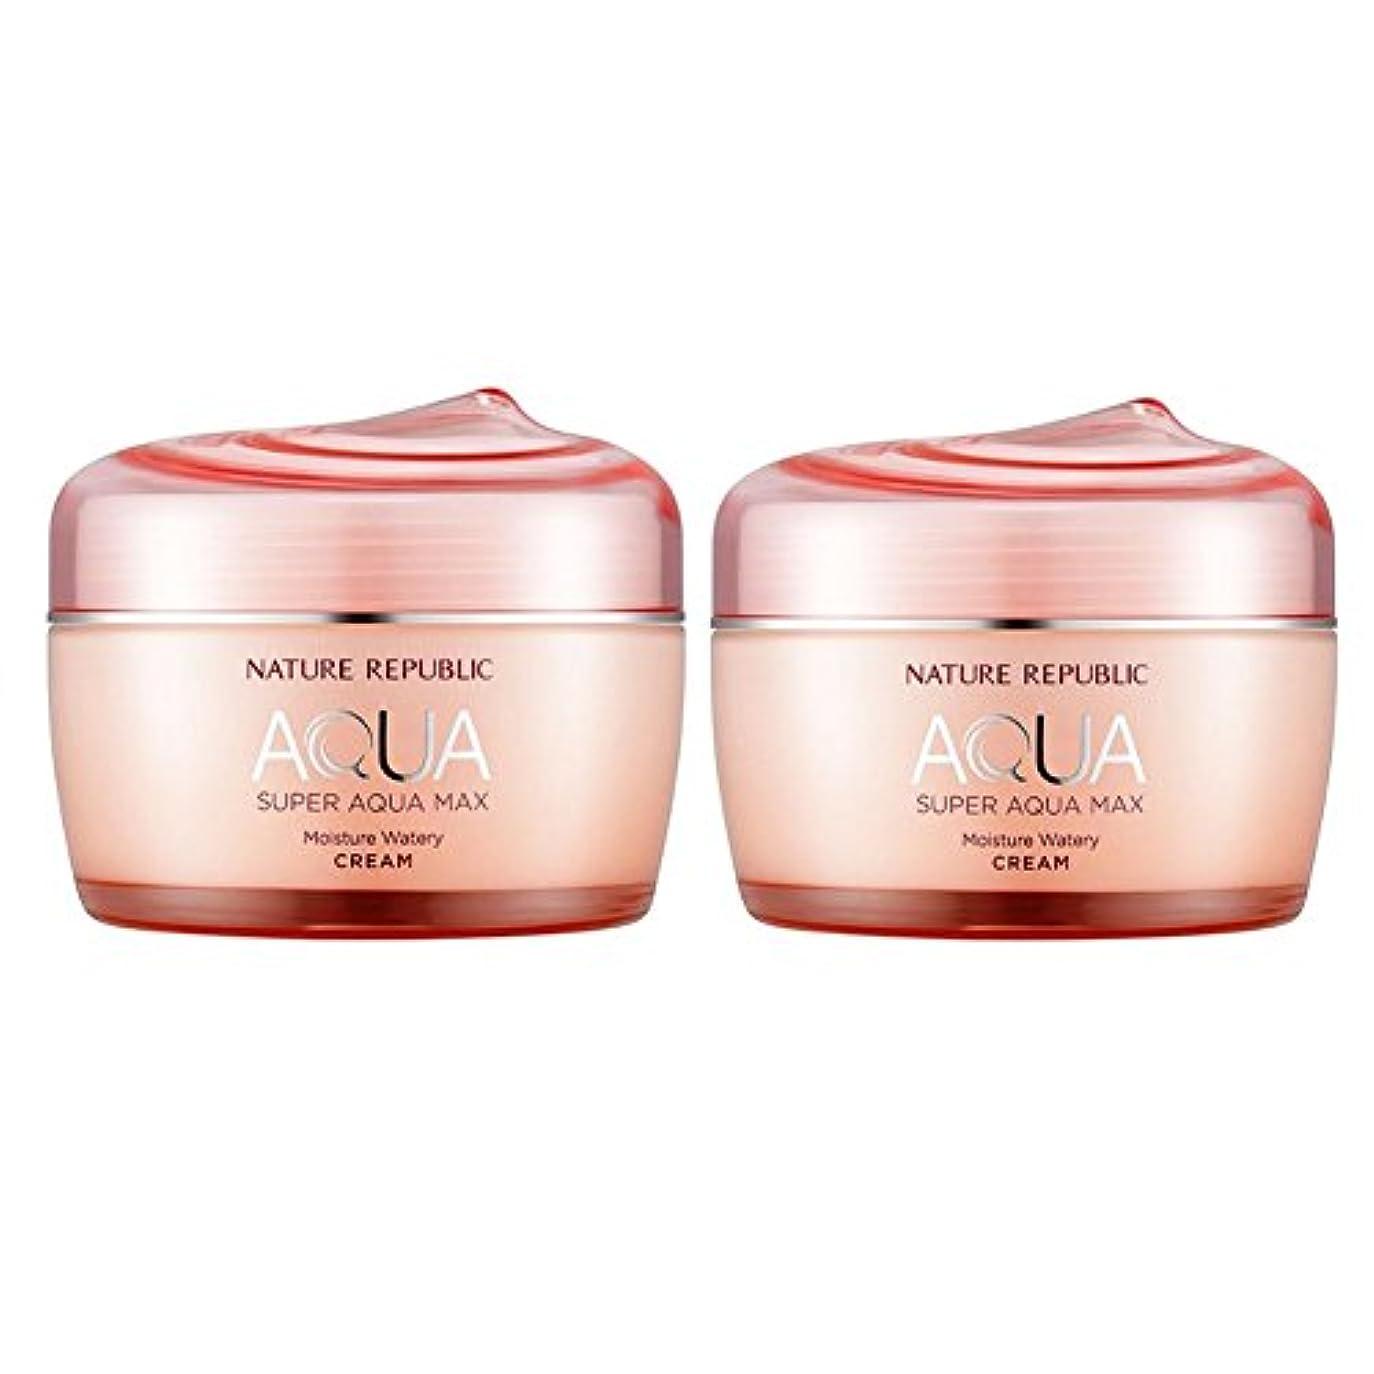 改修遠洋のびっくりしたネイチャーリパブリックスーパーアクア?マックスモイスチャー水分クリーム乾性用肌80ml x 2本セット、韓国化粧品 Nature Republic Super Aqua Max Moisture Cream Dry Skin, 80ml x 2ea, Korean Cosmetics [並行輸入品]